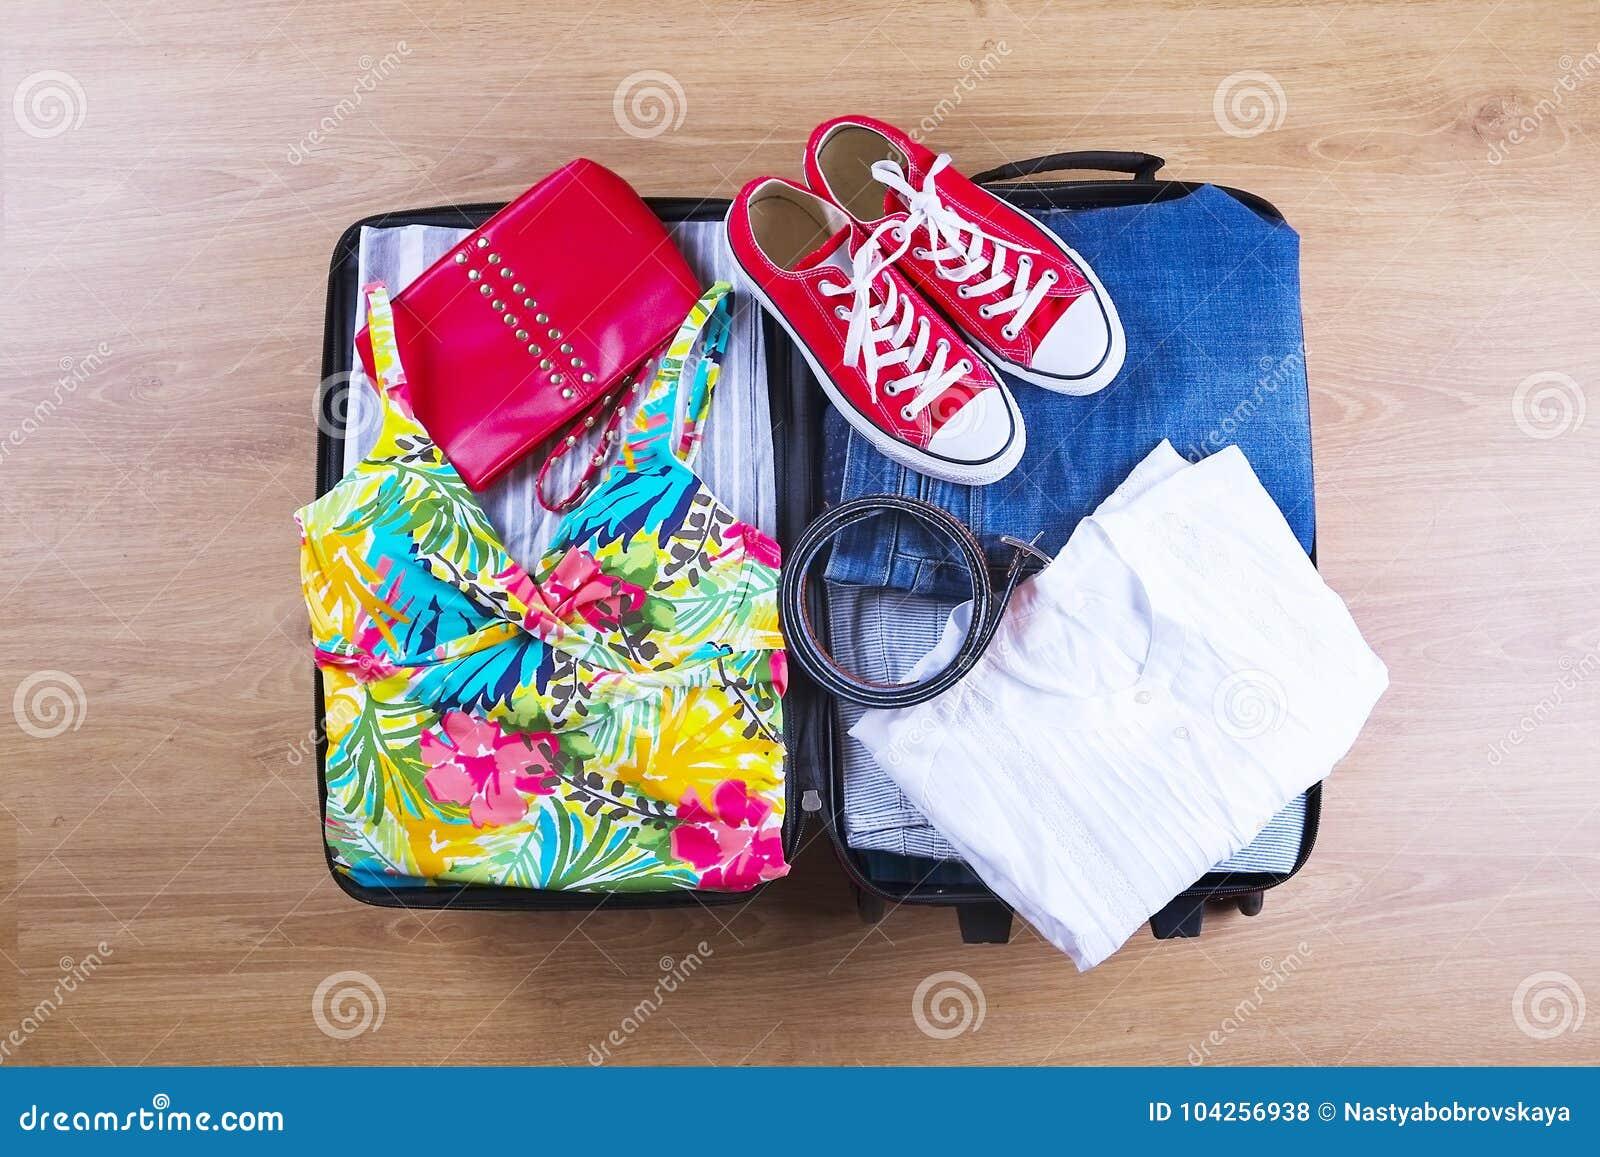 Open a emballé la valise avec les vêtements d été et les accessoires femelles, maillot de bain, les espadrilles, chemise blanche